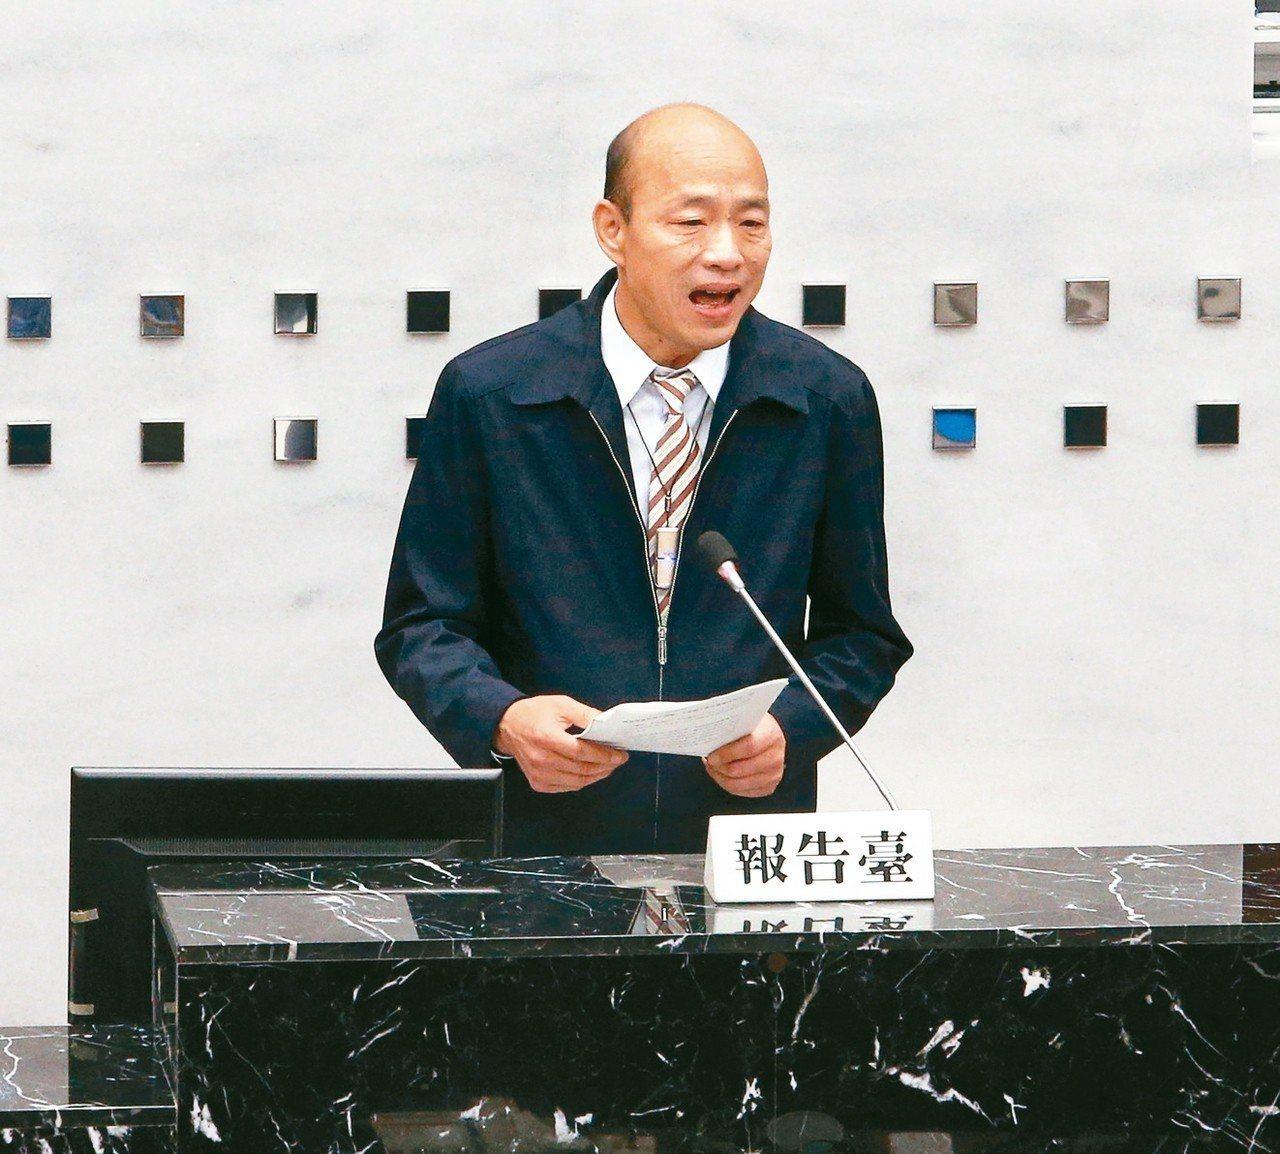 高雄市長韓國瑜上午到議會進行施政報告。 記者劉學聖/攝影